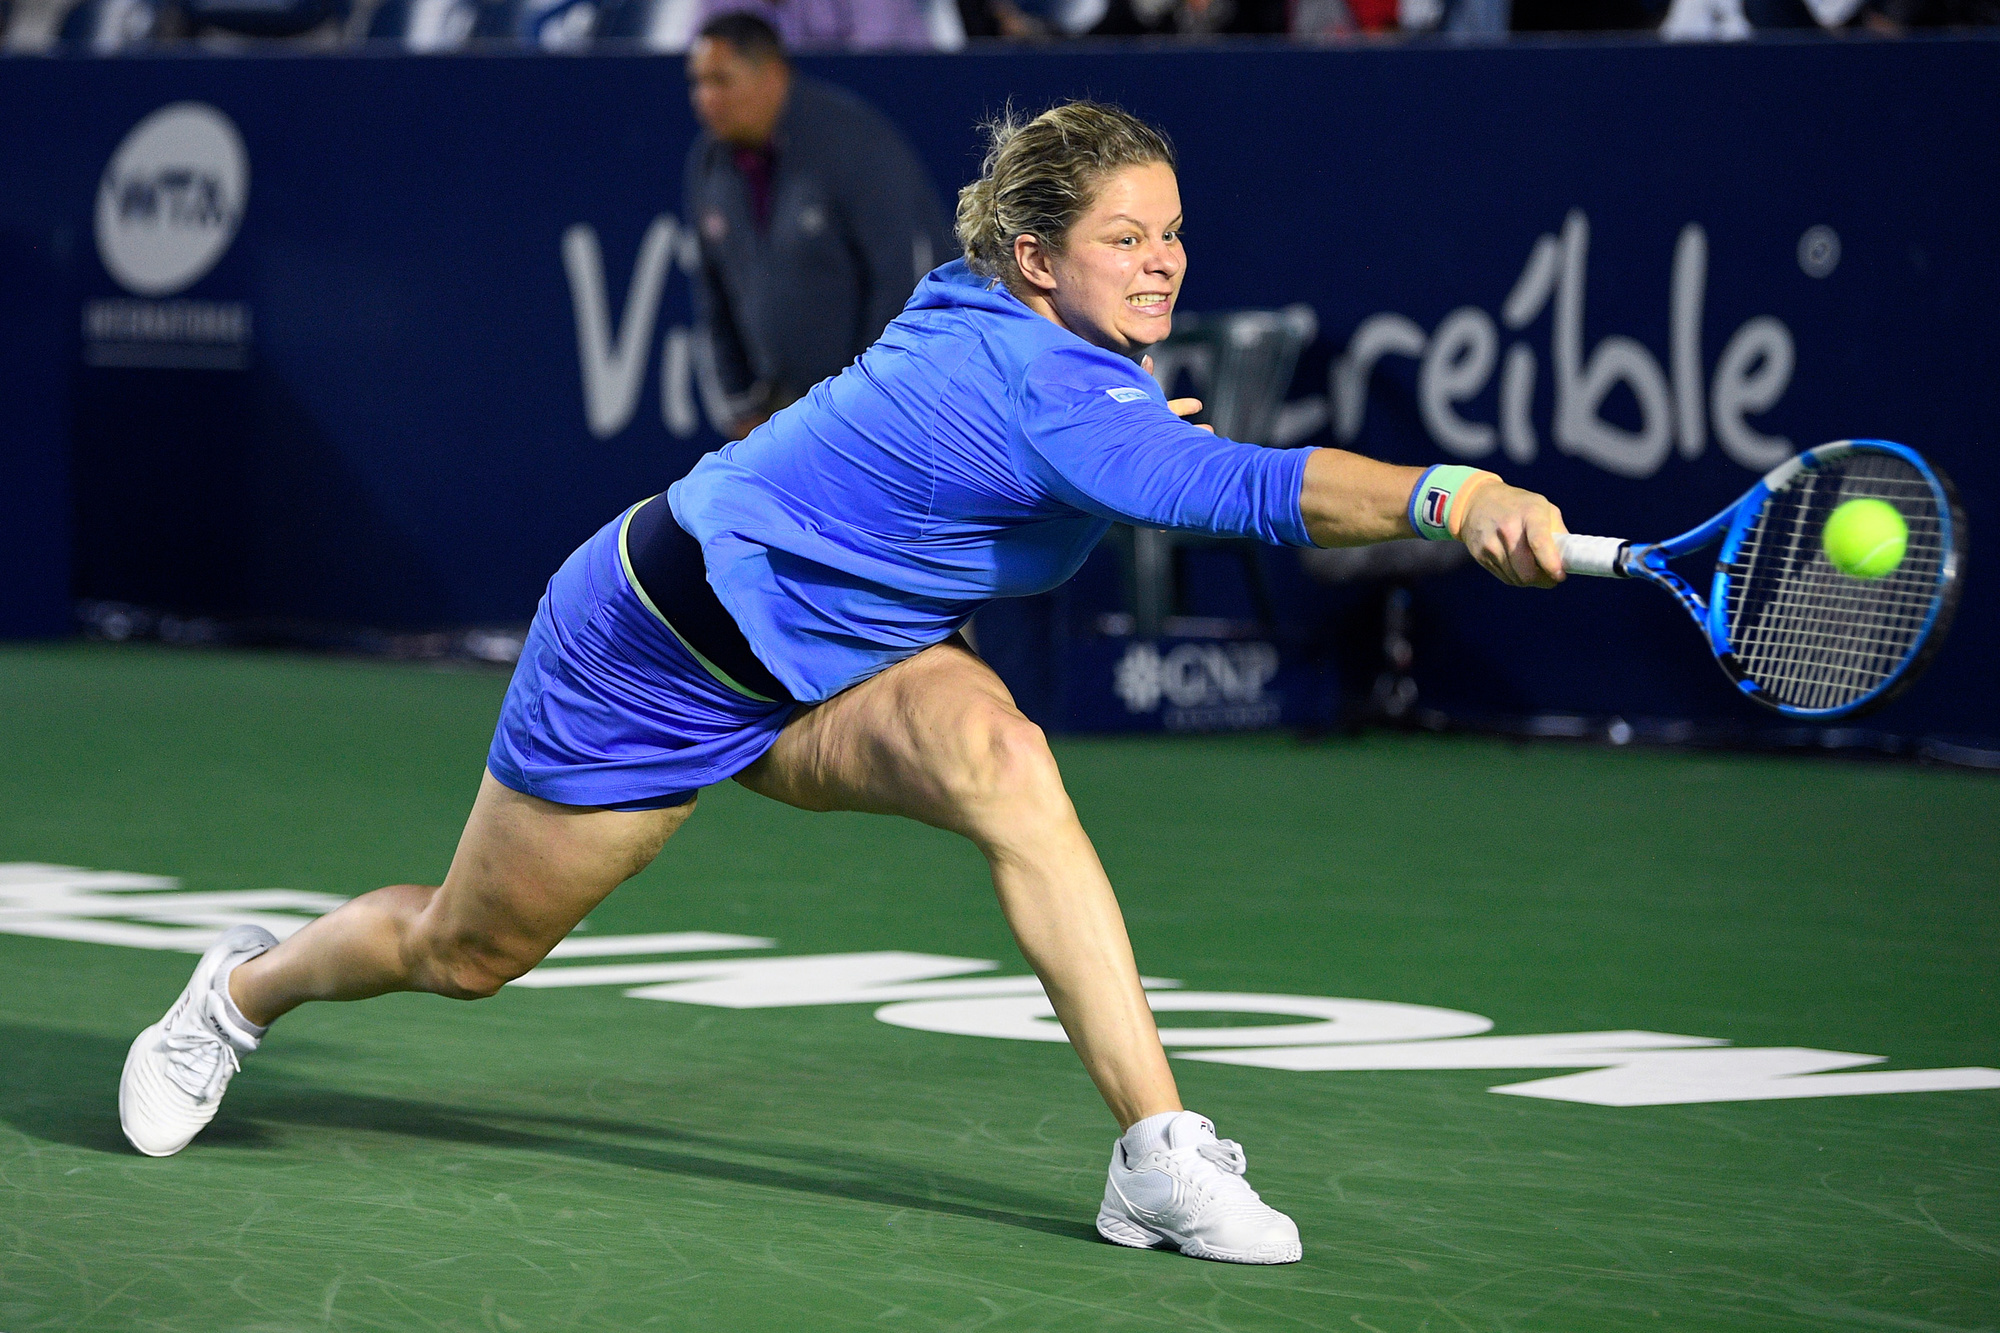 De comeback van Kim Clijsters duurde voorlopig nog maar twee wedstrijden., Belga Image